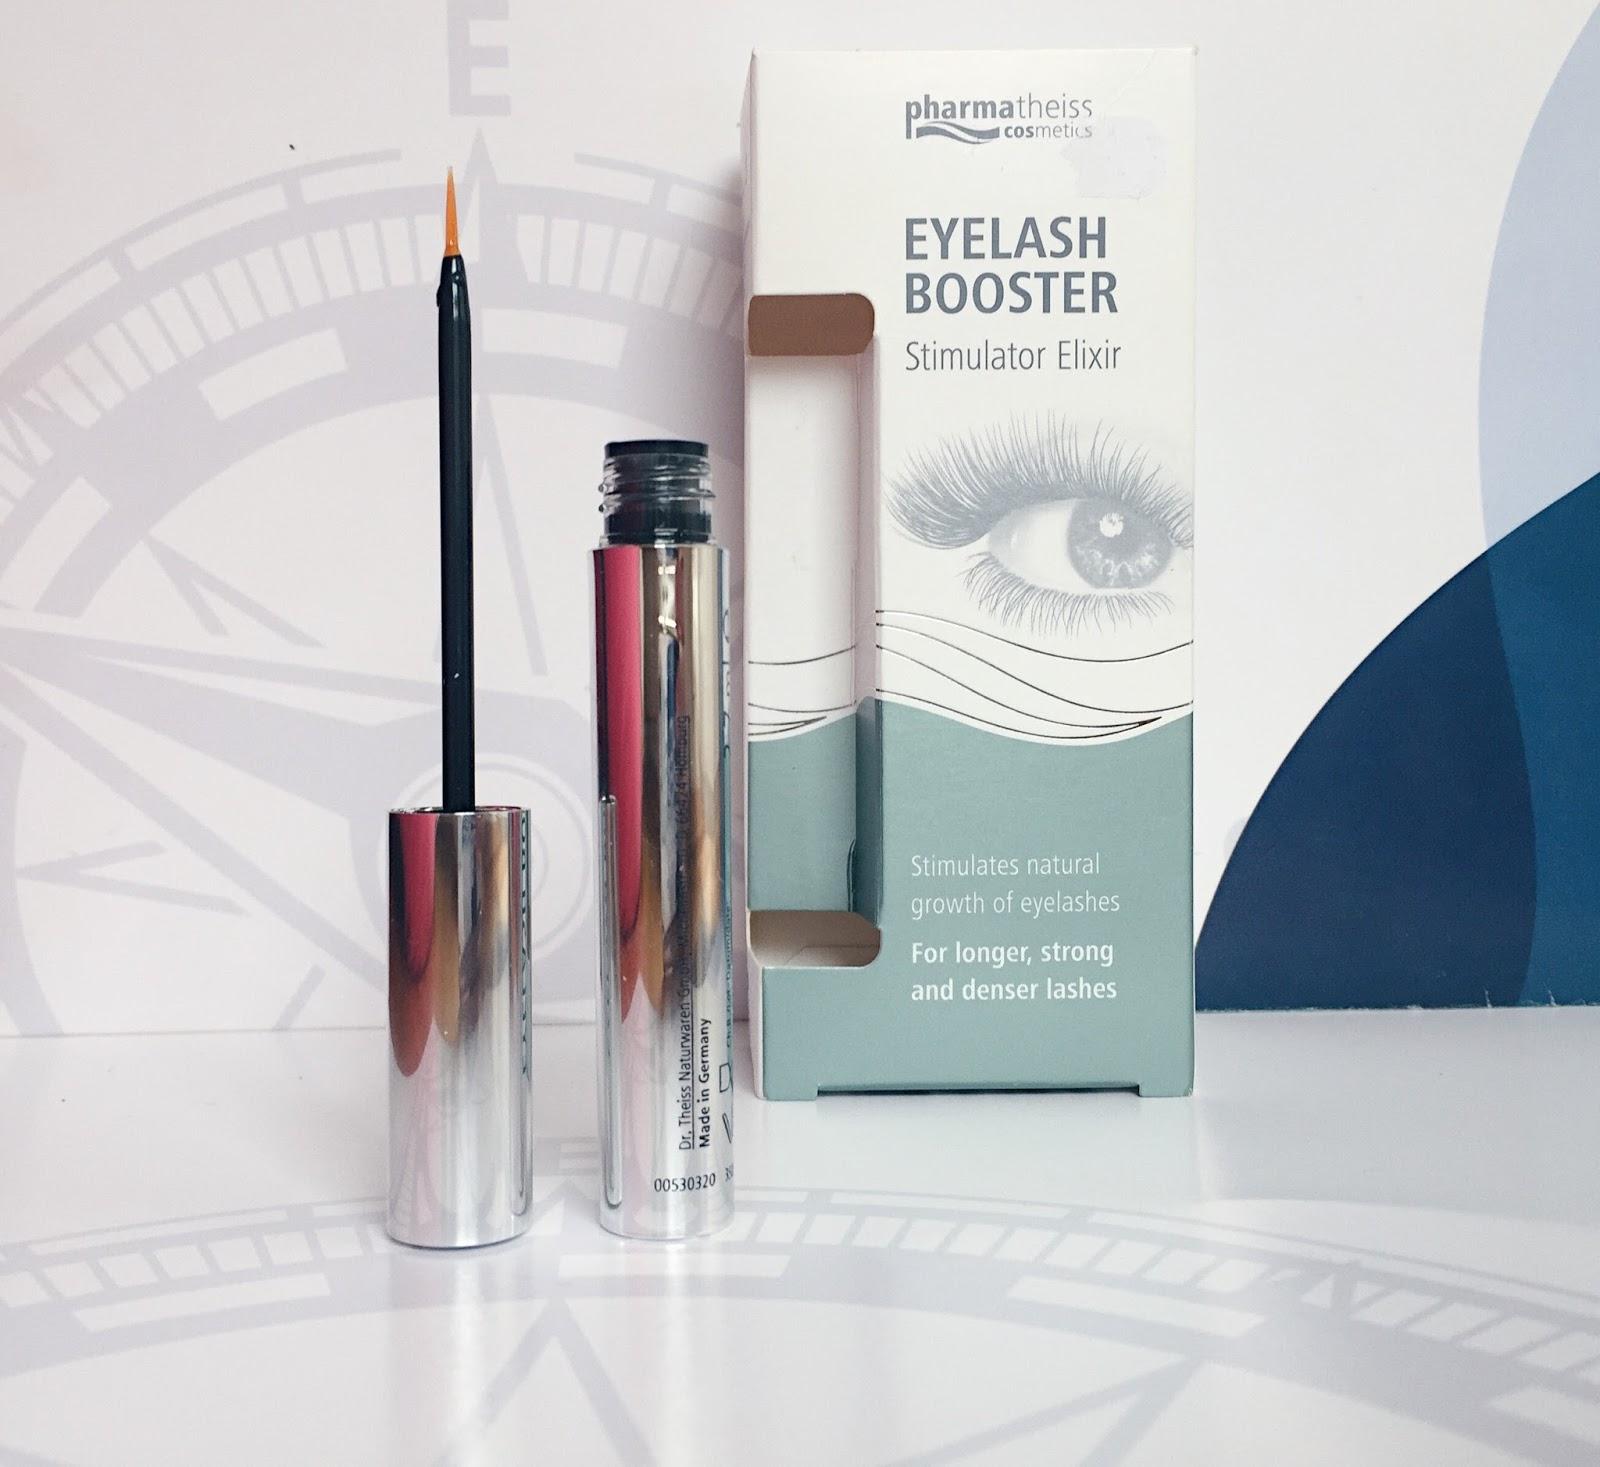 Eyelash Booster Stimulator Elixir